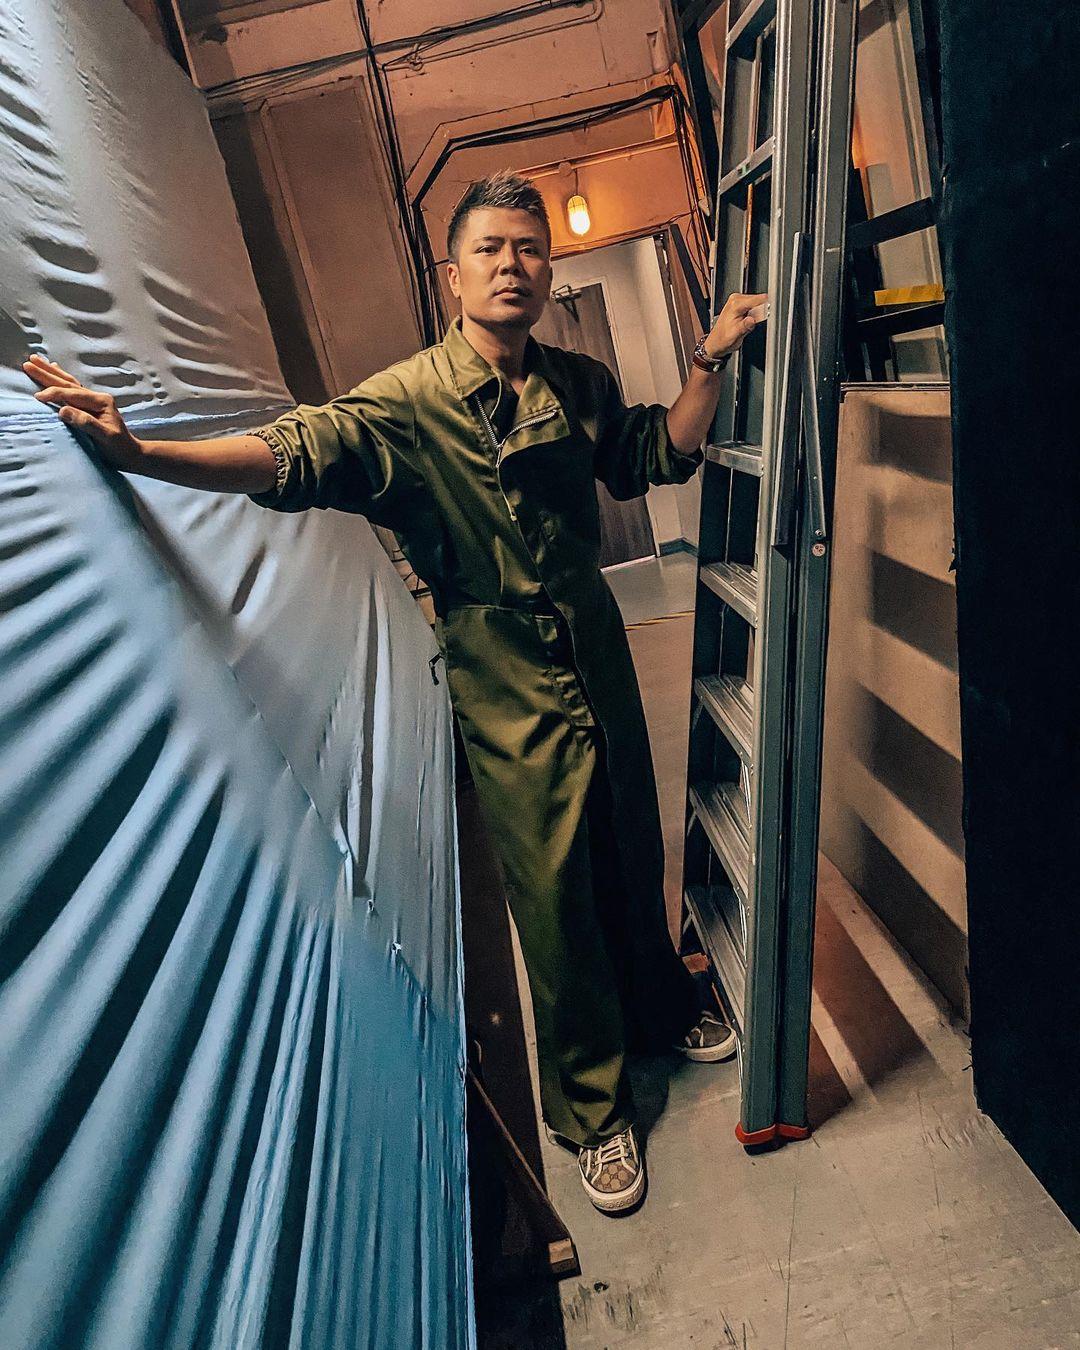 Awal Ashaari Disaman RM 3 Juta Oleh Sebuah Syarikat Hiasan Dalaman Dan Perabot Atas Dakwaan Memfitnah 3